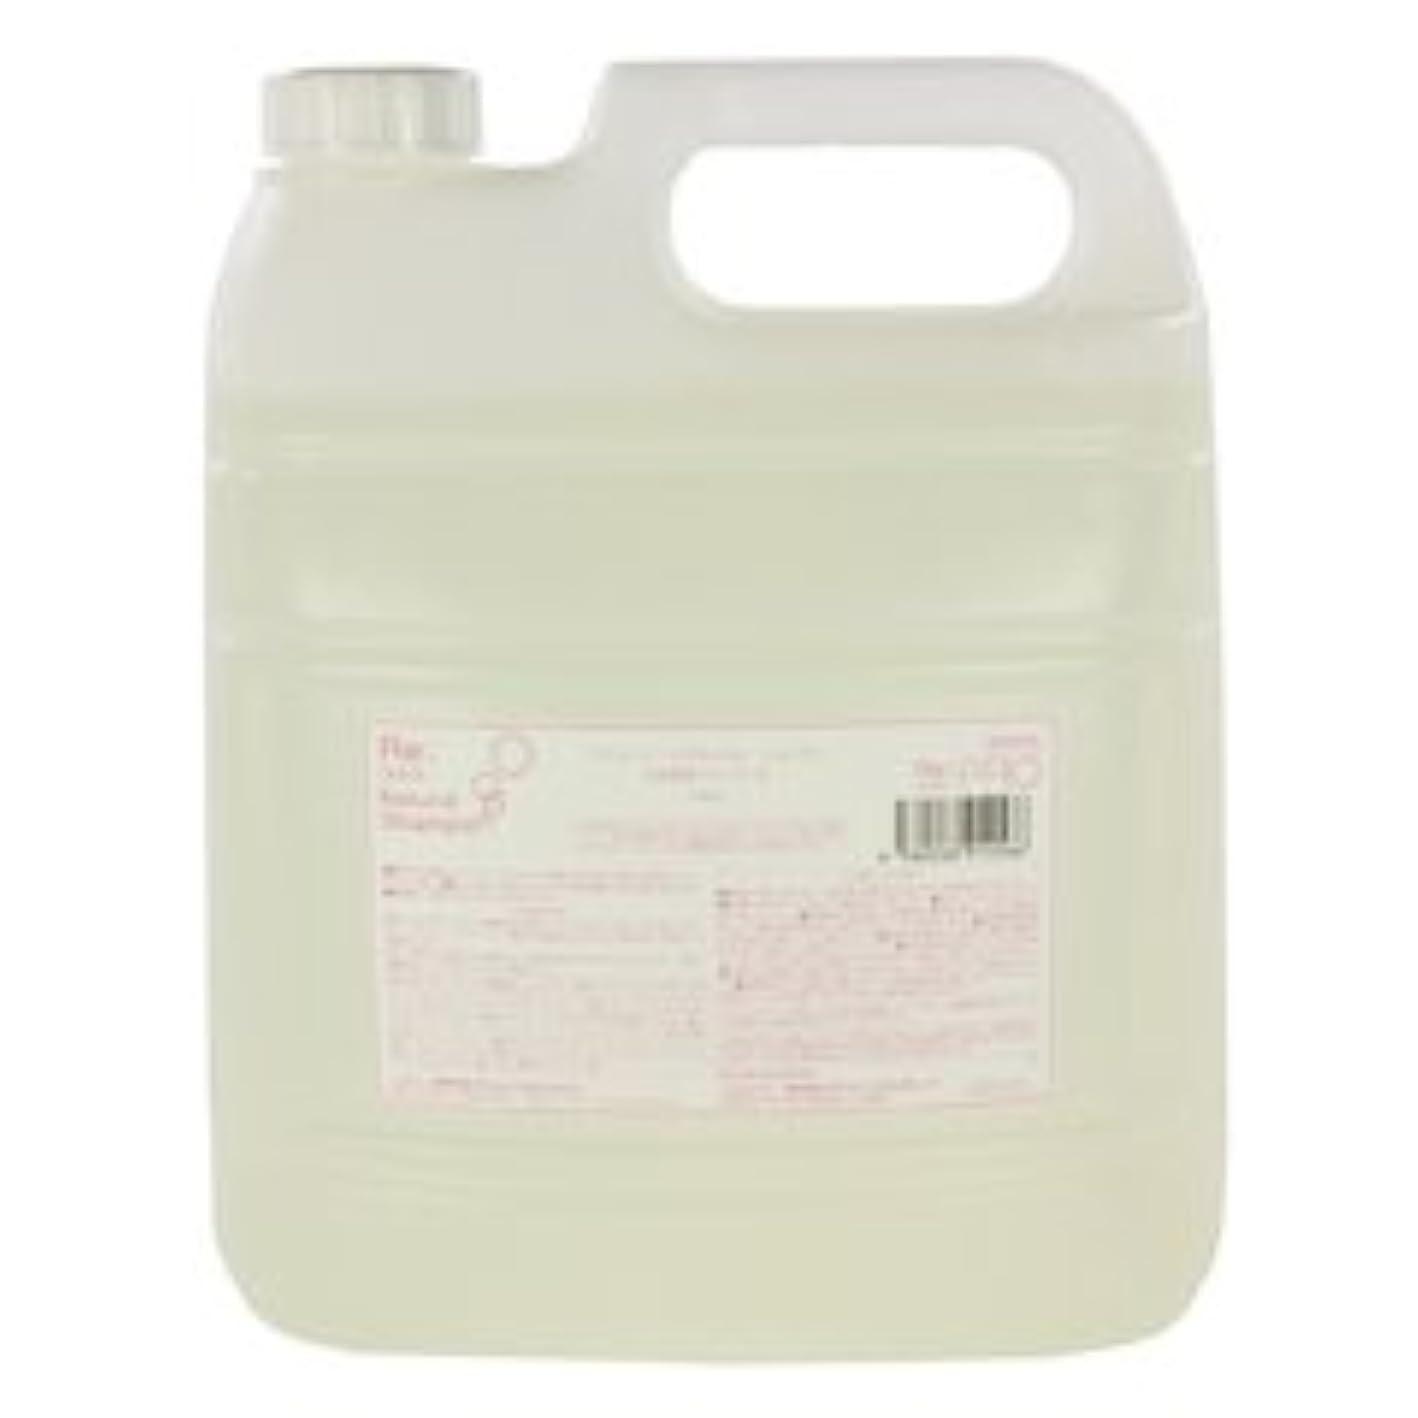 分析アレルギー性湿気の多いリ:ナチュラル シャンプー (詰替用) 4000ml 【アジュバン】